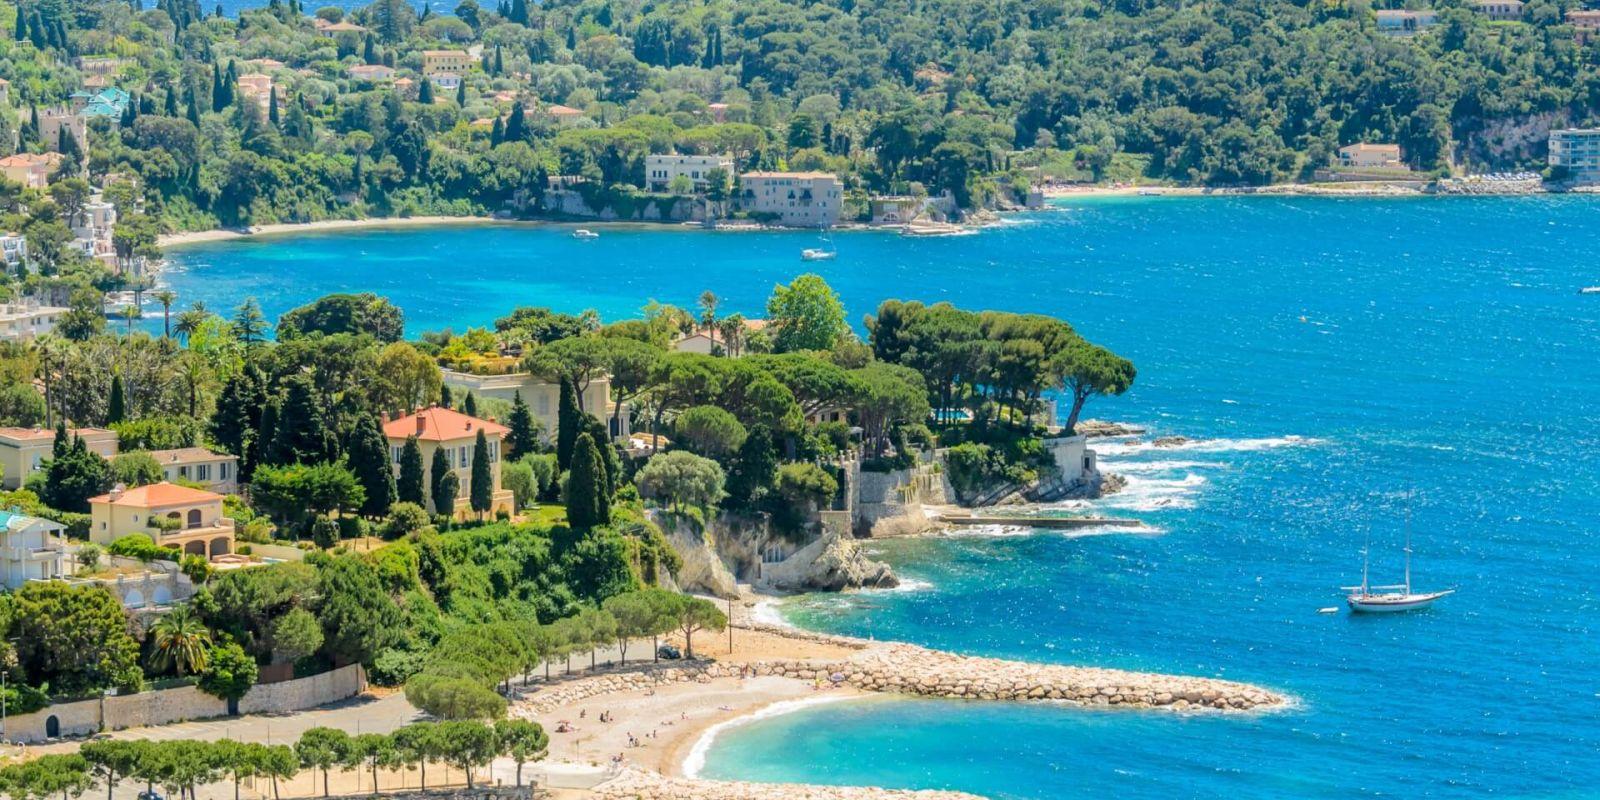 https://www.talamare.fr/medias/Location yacht Côte d'Azur, louer un yacht dans le sud de la France